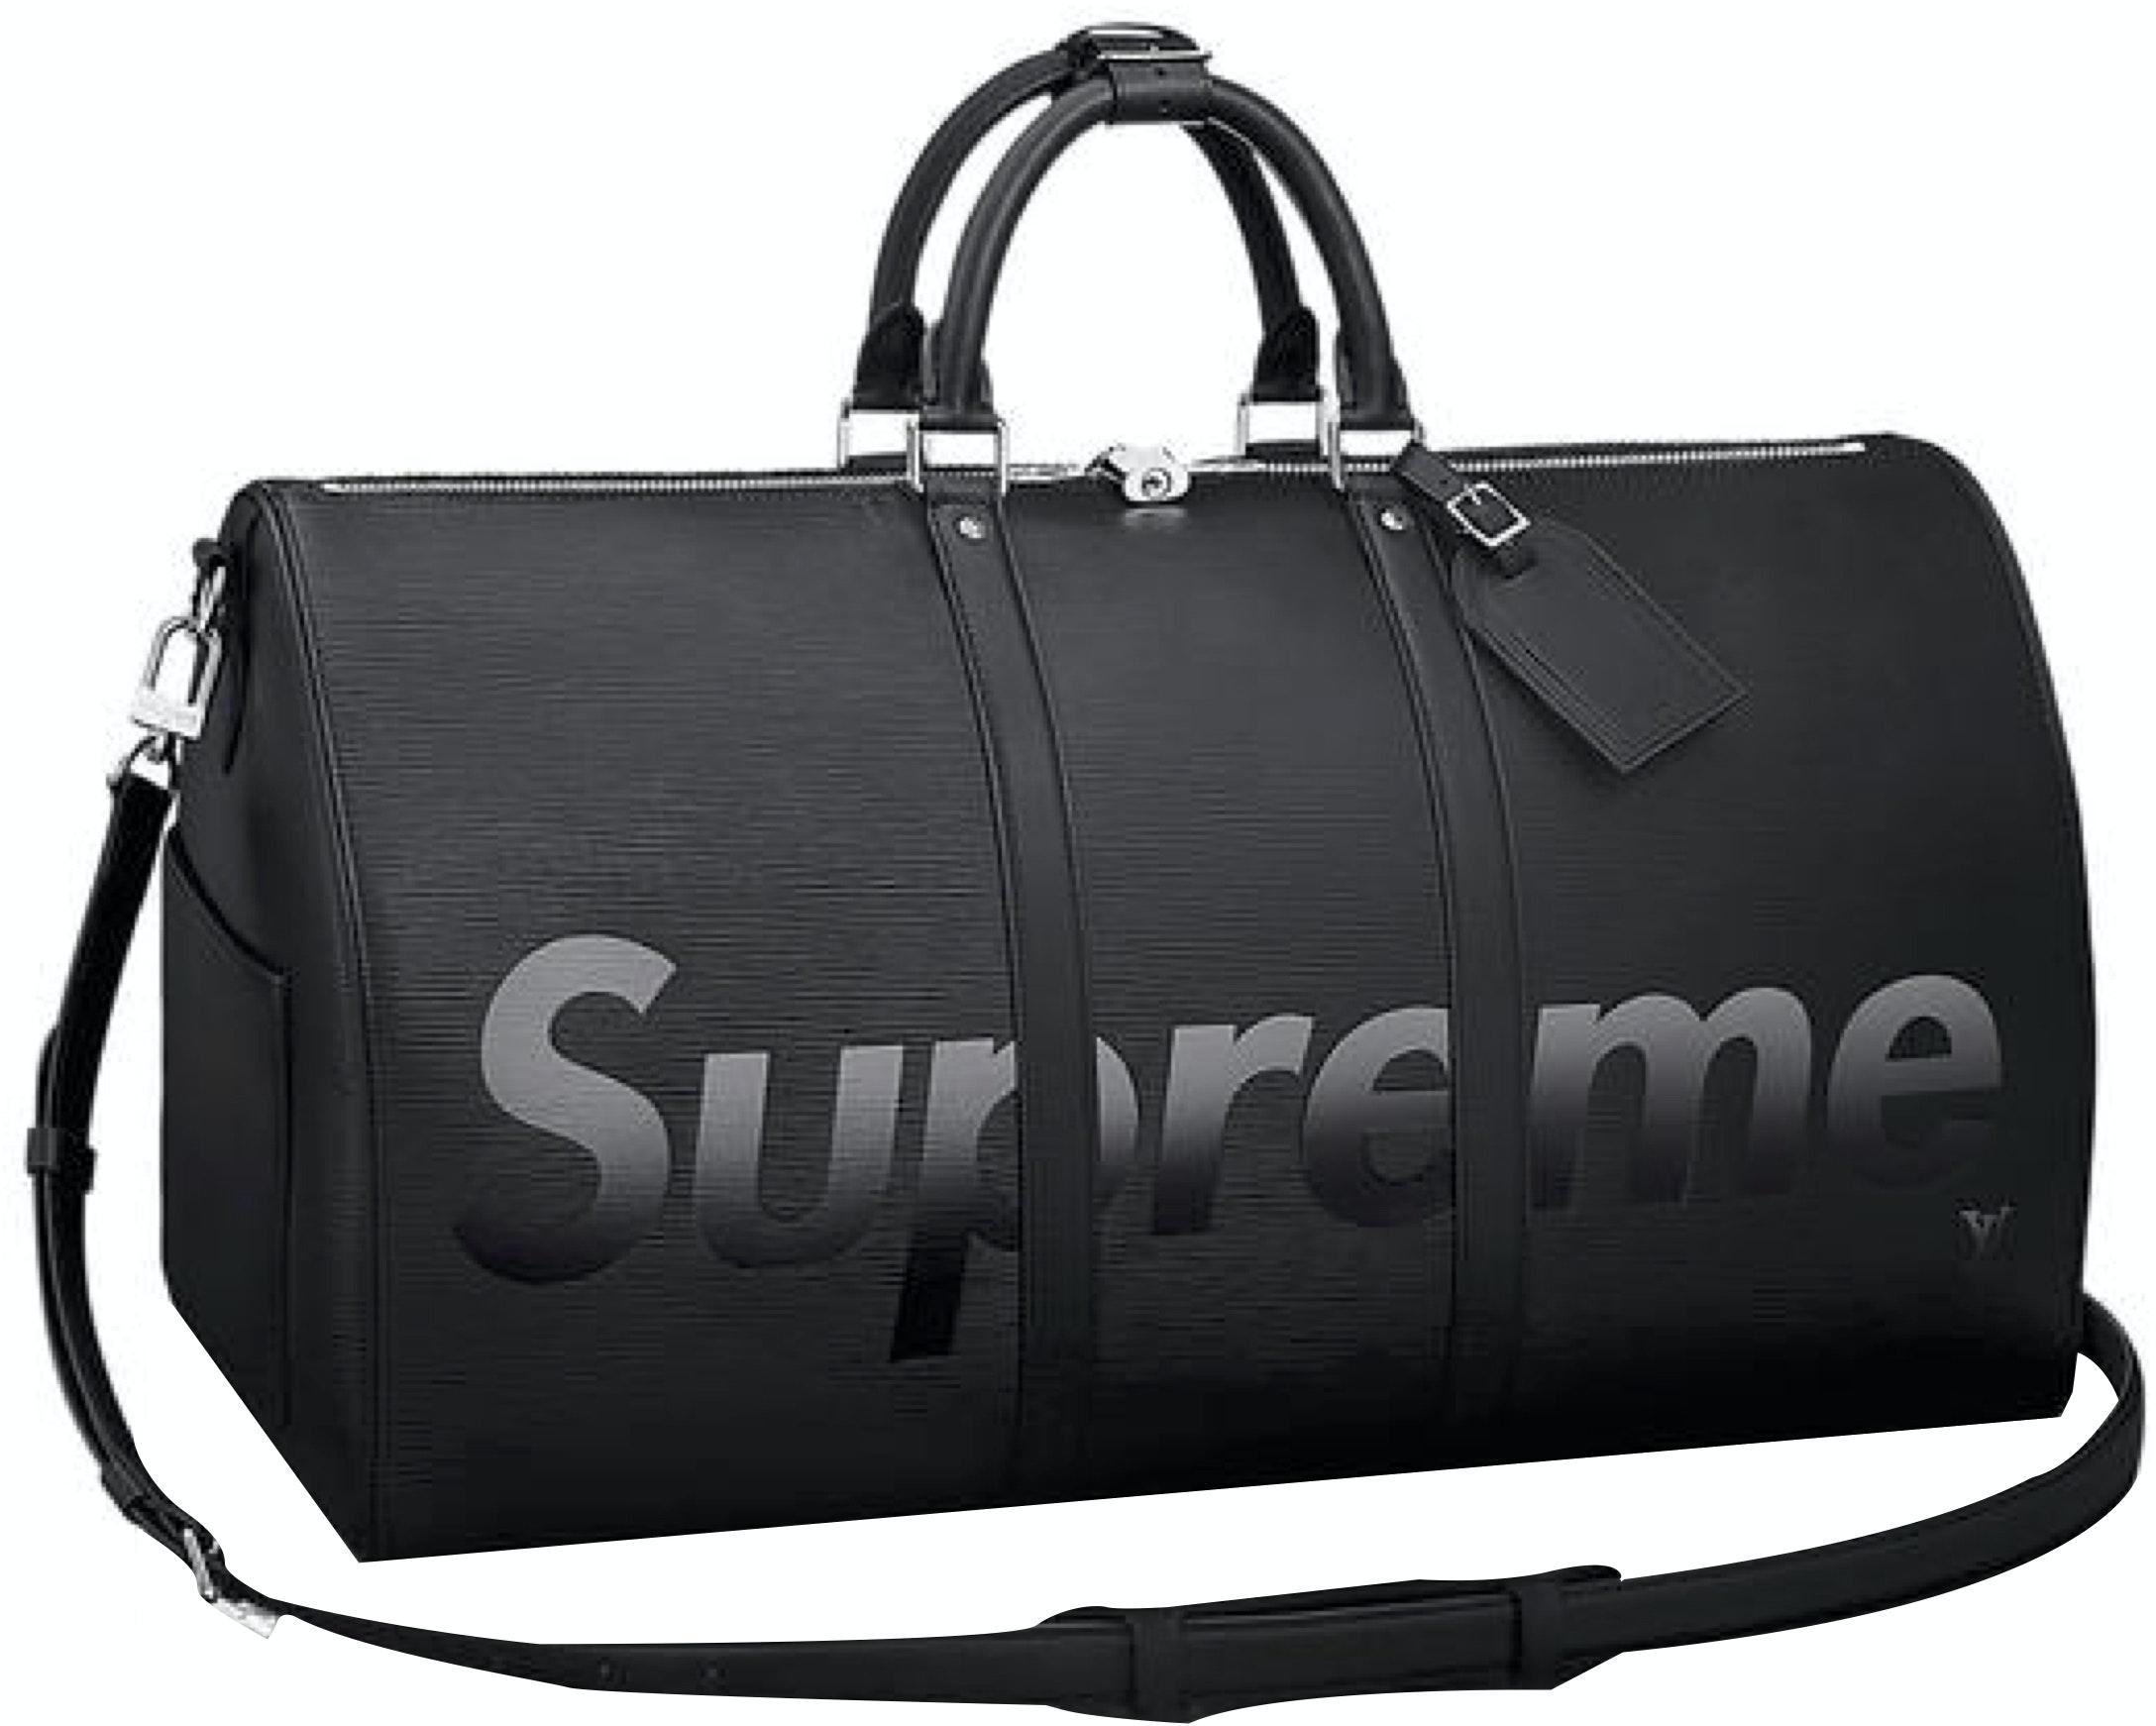 Louis Vuitton x Supreme Keepall Bandouliere Epi 55 Black